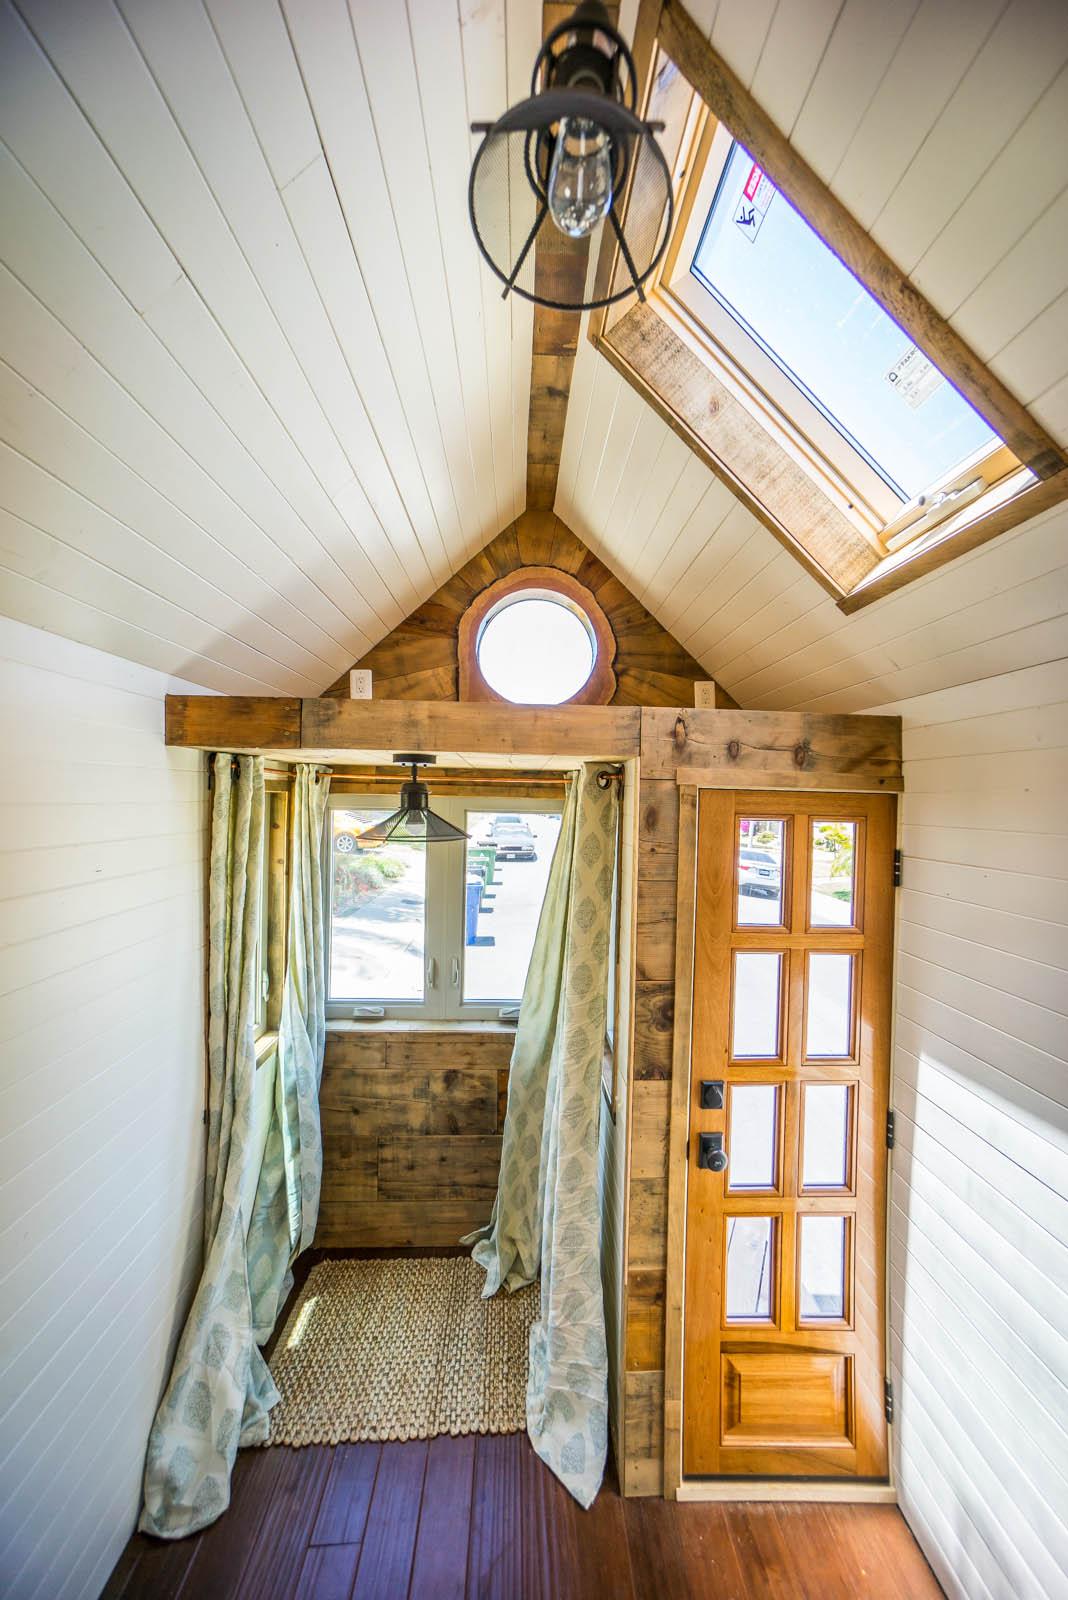 Tiny house giant journey interior tiny house giant journey for Tiny house photo gallery